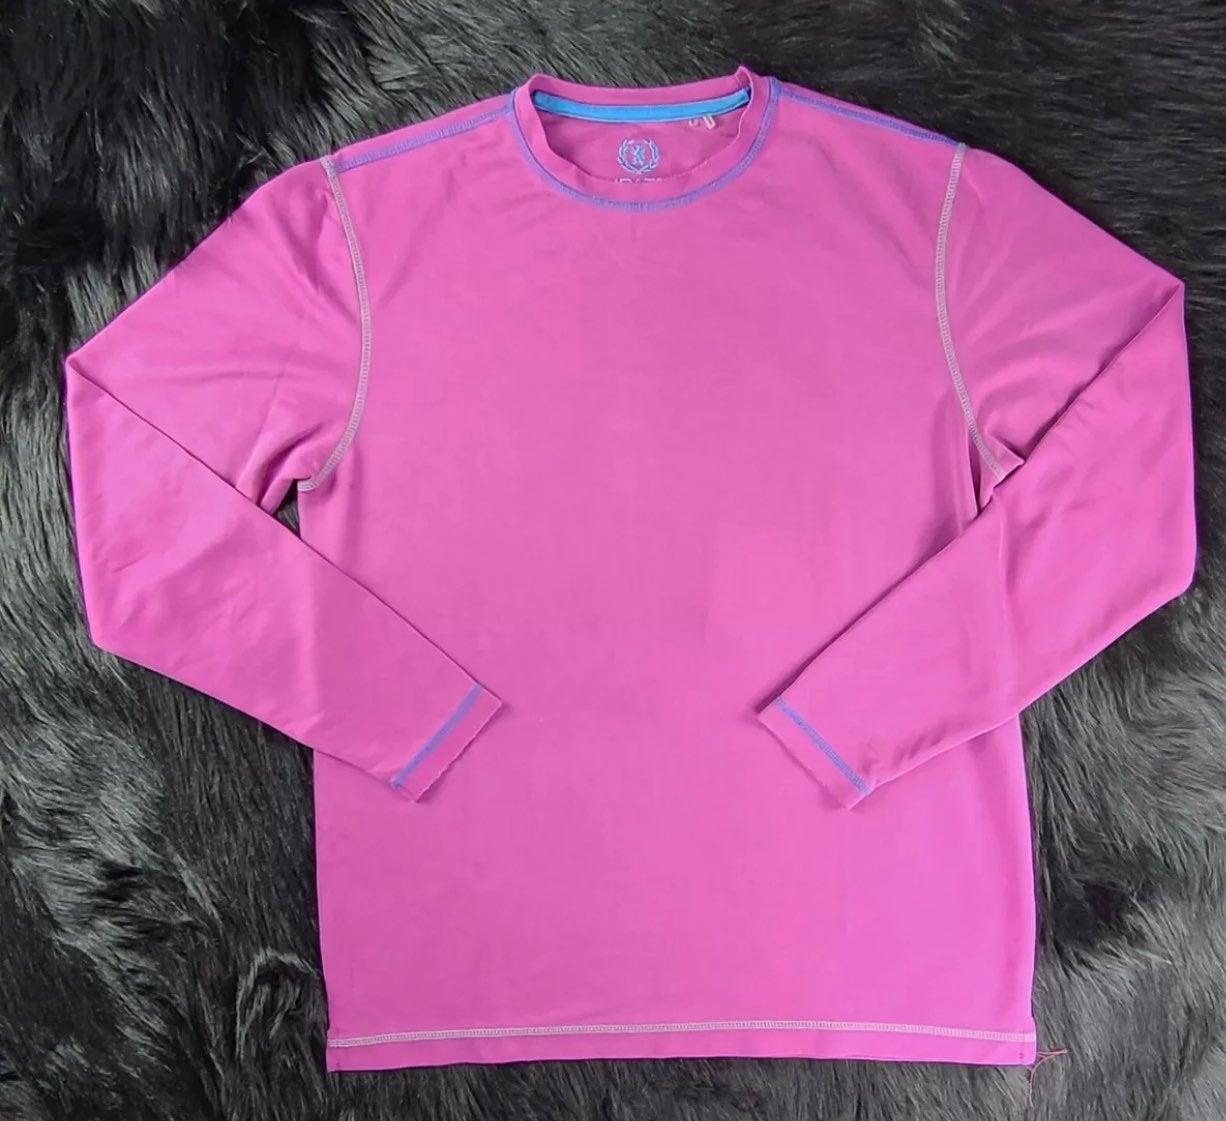 Bugatchi Uomo Active Long Sleeve Shirt